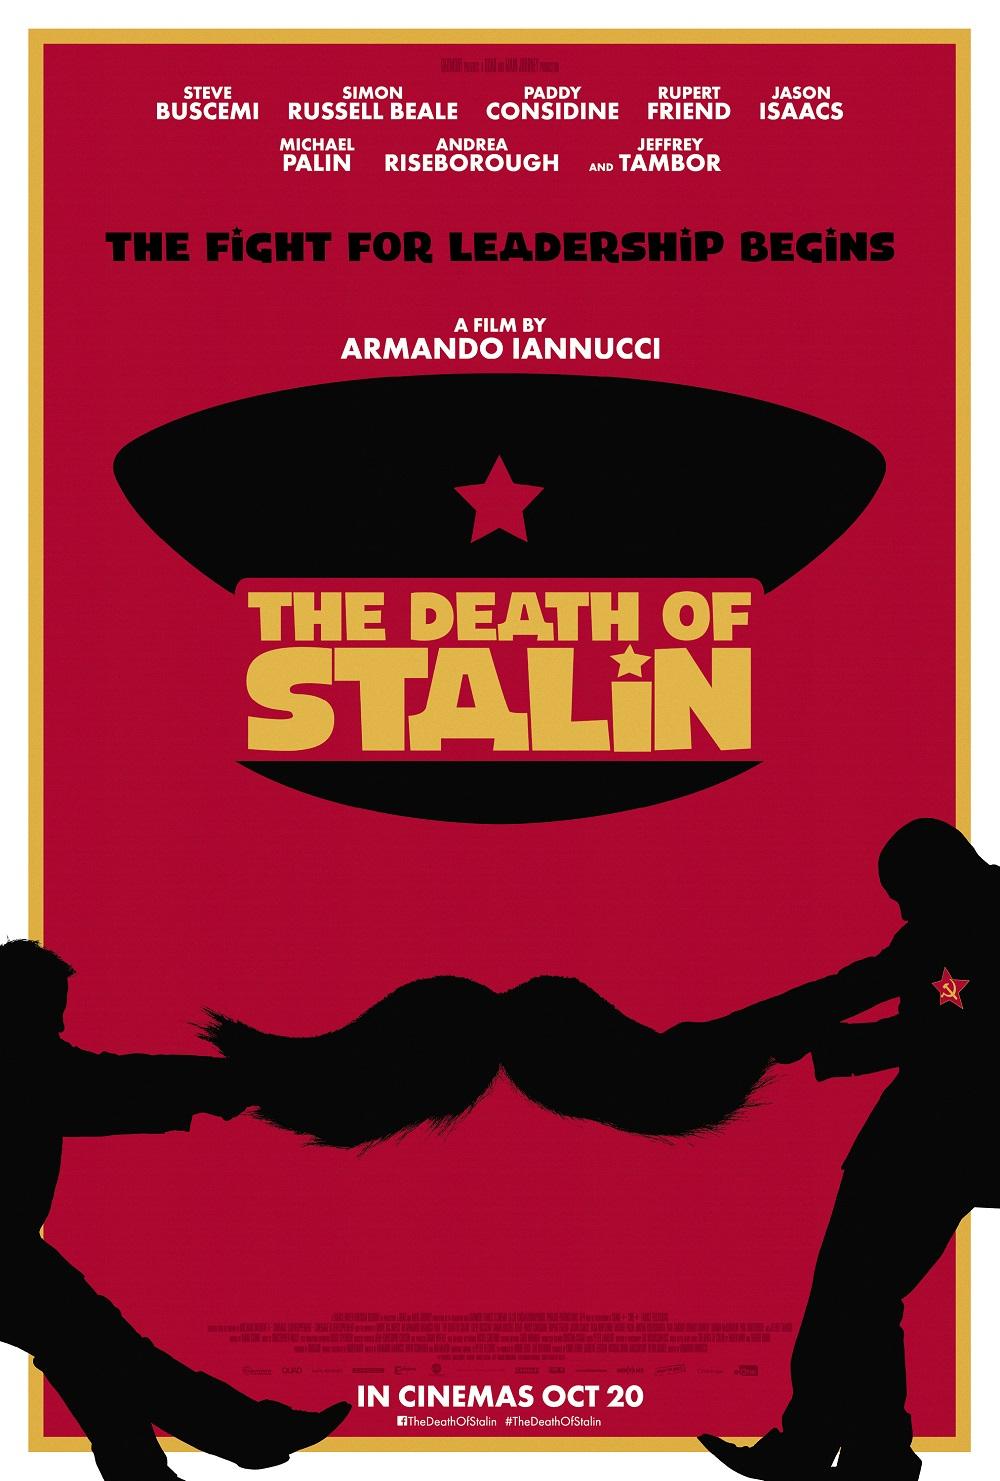 Las películas que vienen - Página 5 Death_of_stalin_xlg